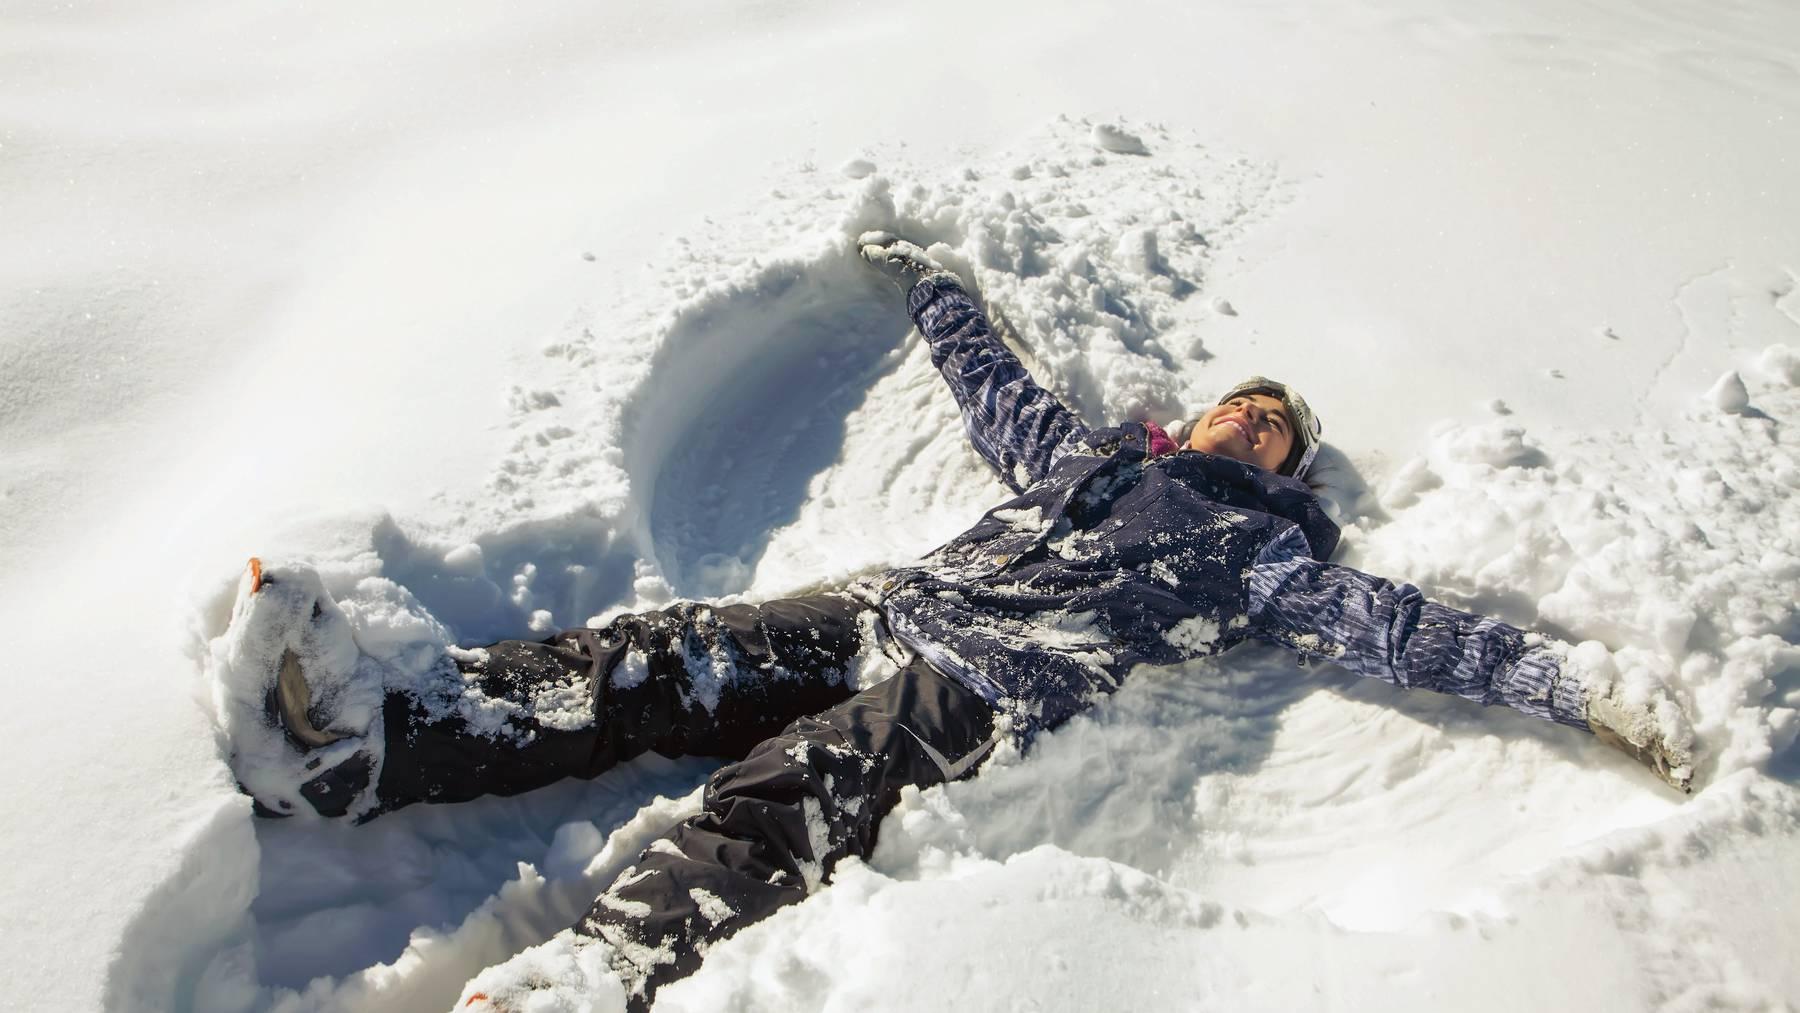 Bald könnt ihr euch wieder im Schnee wälzen und «Engeli» machen.